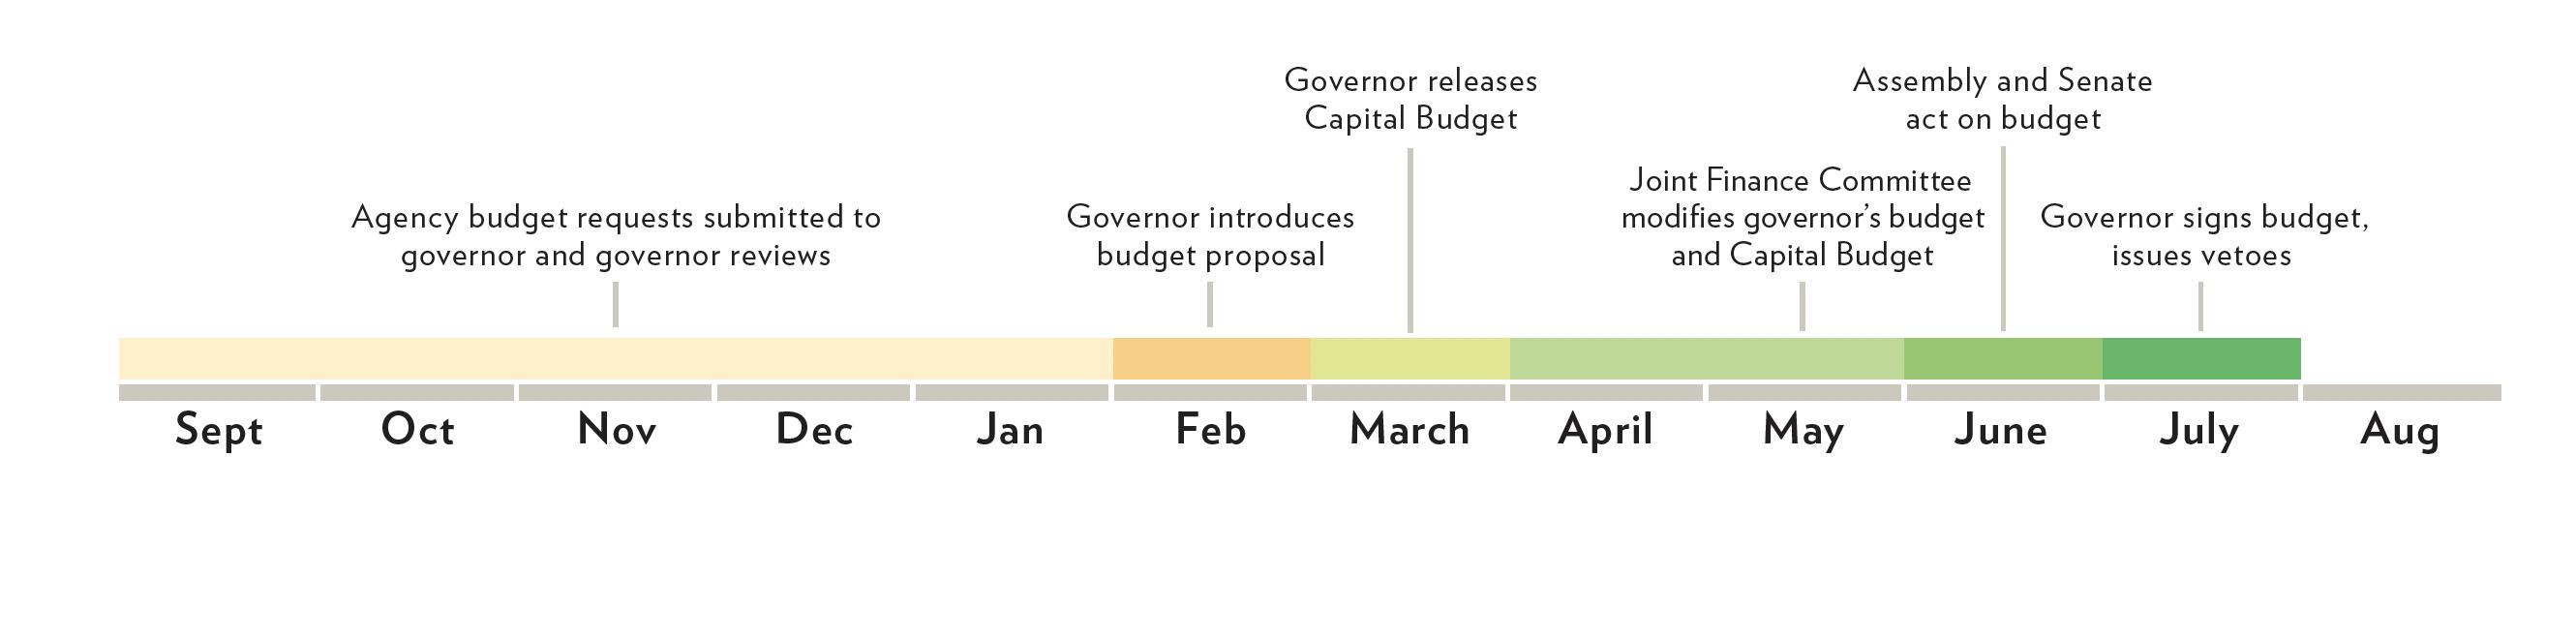 Budget Timeline 2019